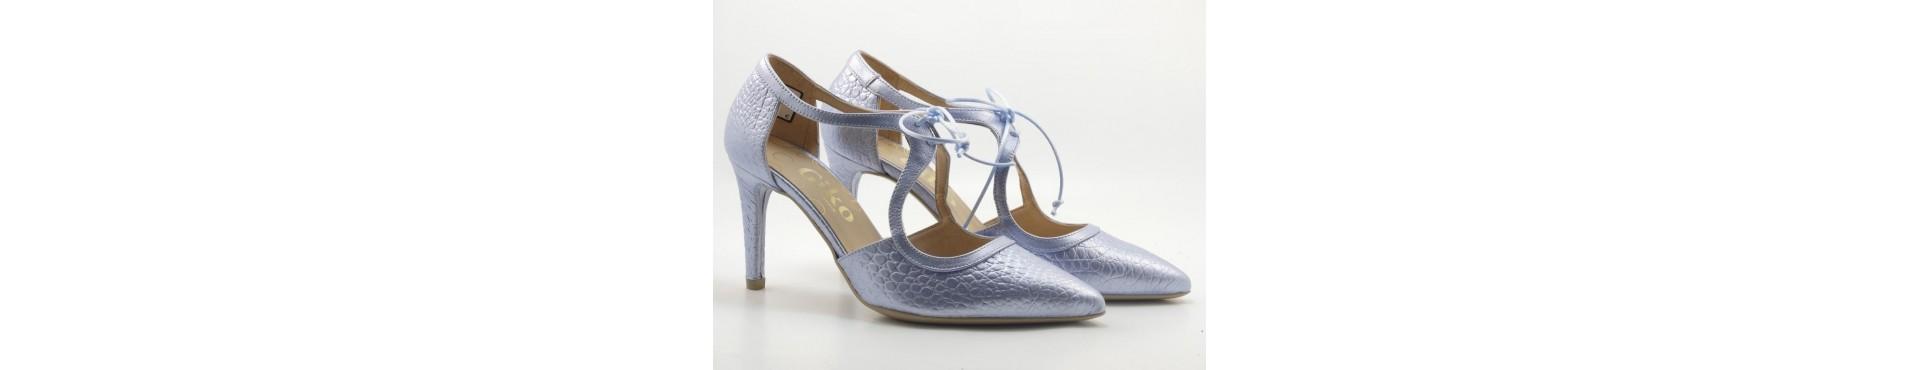 Calzado Mujer De Marca Comprar Online | Chapo